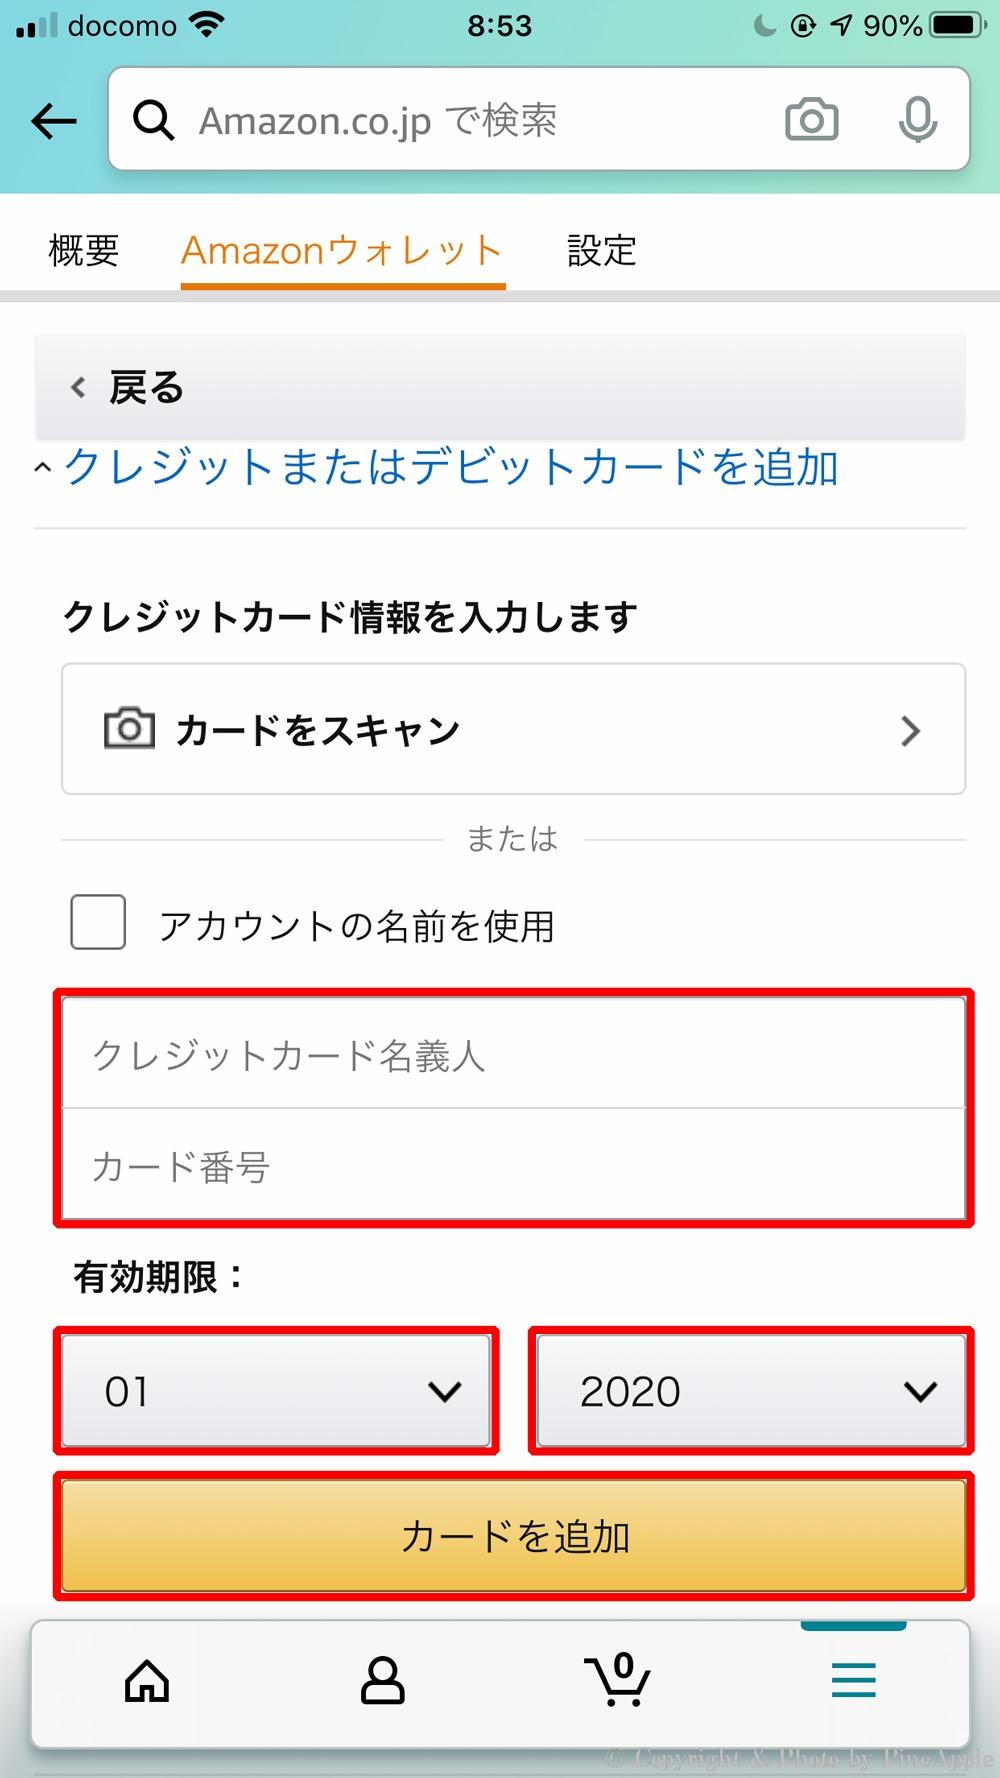 Amazon ショッピングアプリ:「クレジットカード名義人」、「カード番号」「有効期限」を設定し、「カードを追加」をタップ